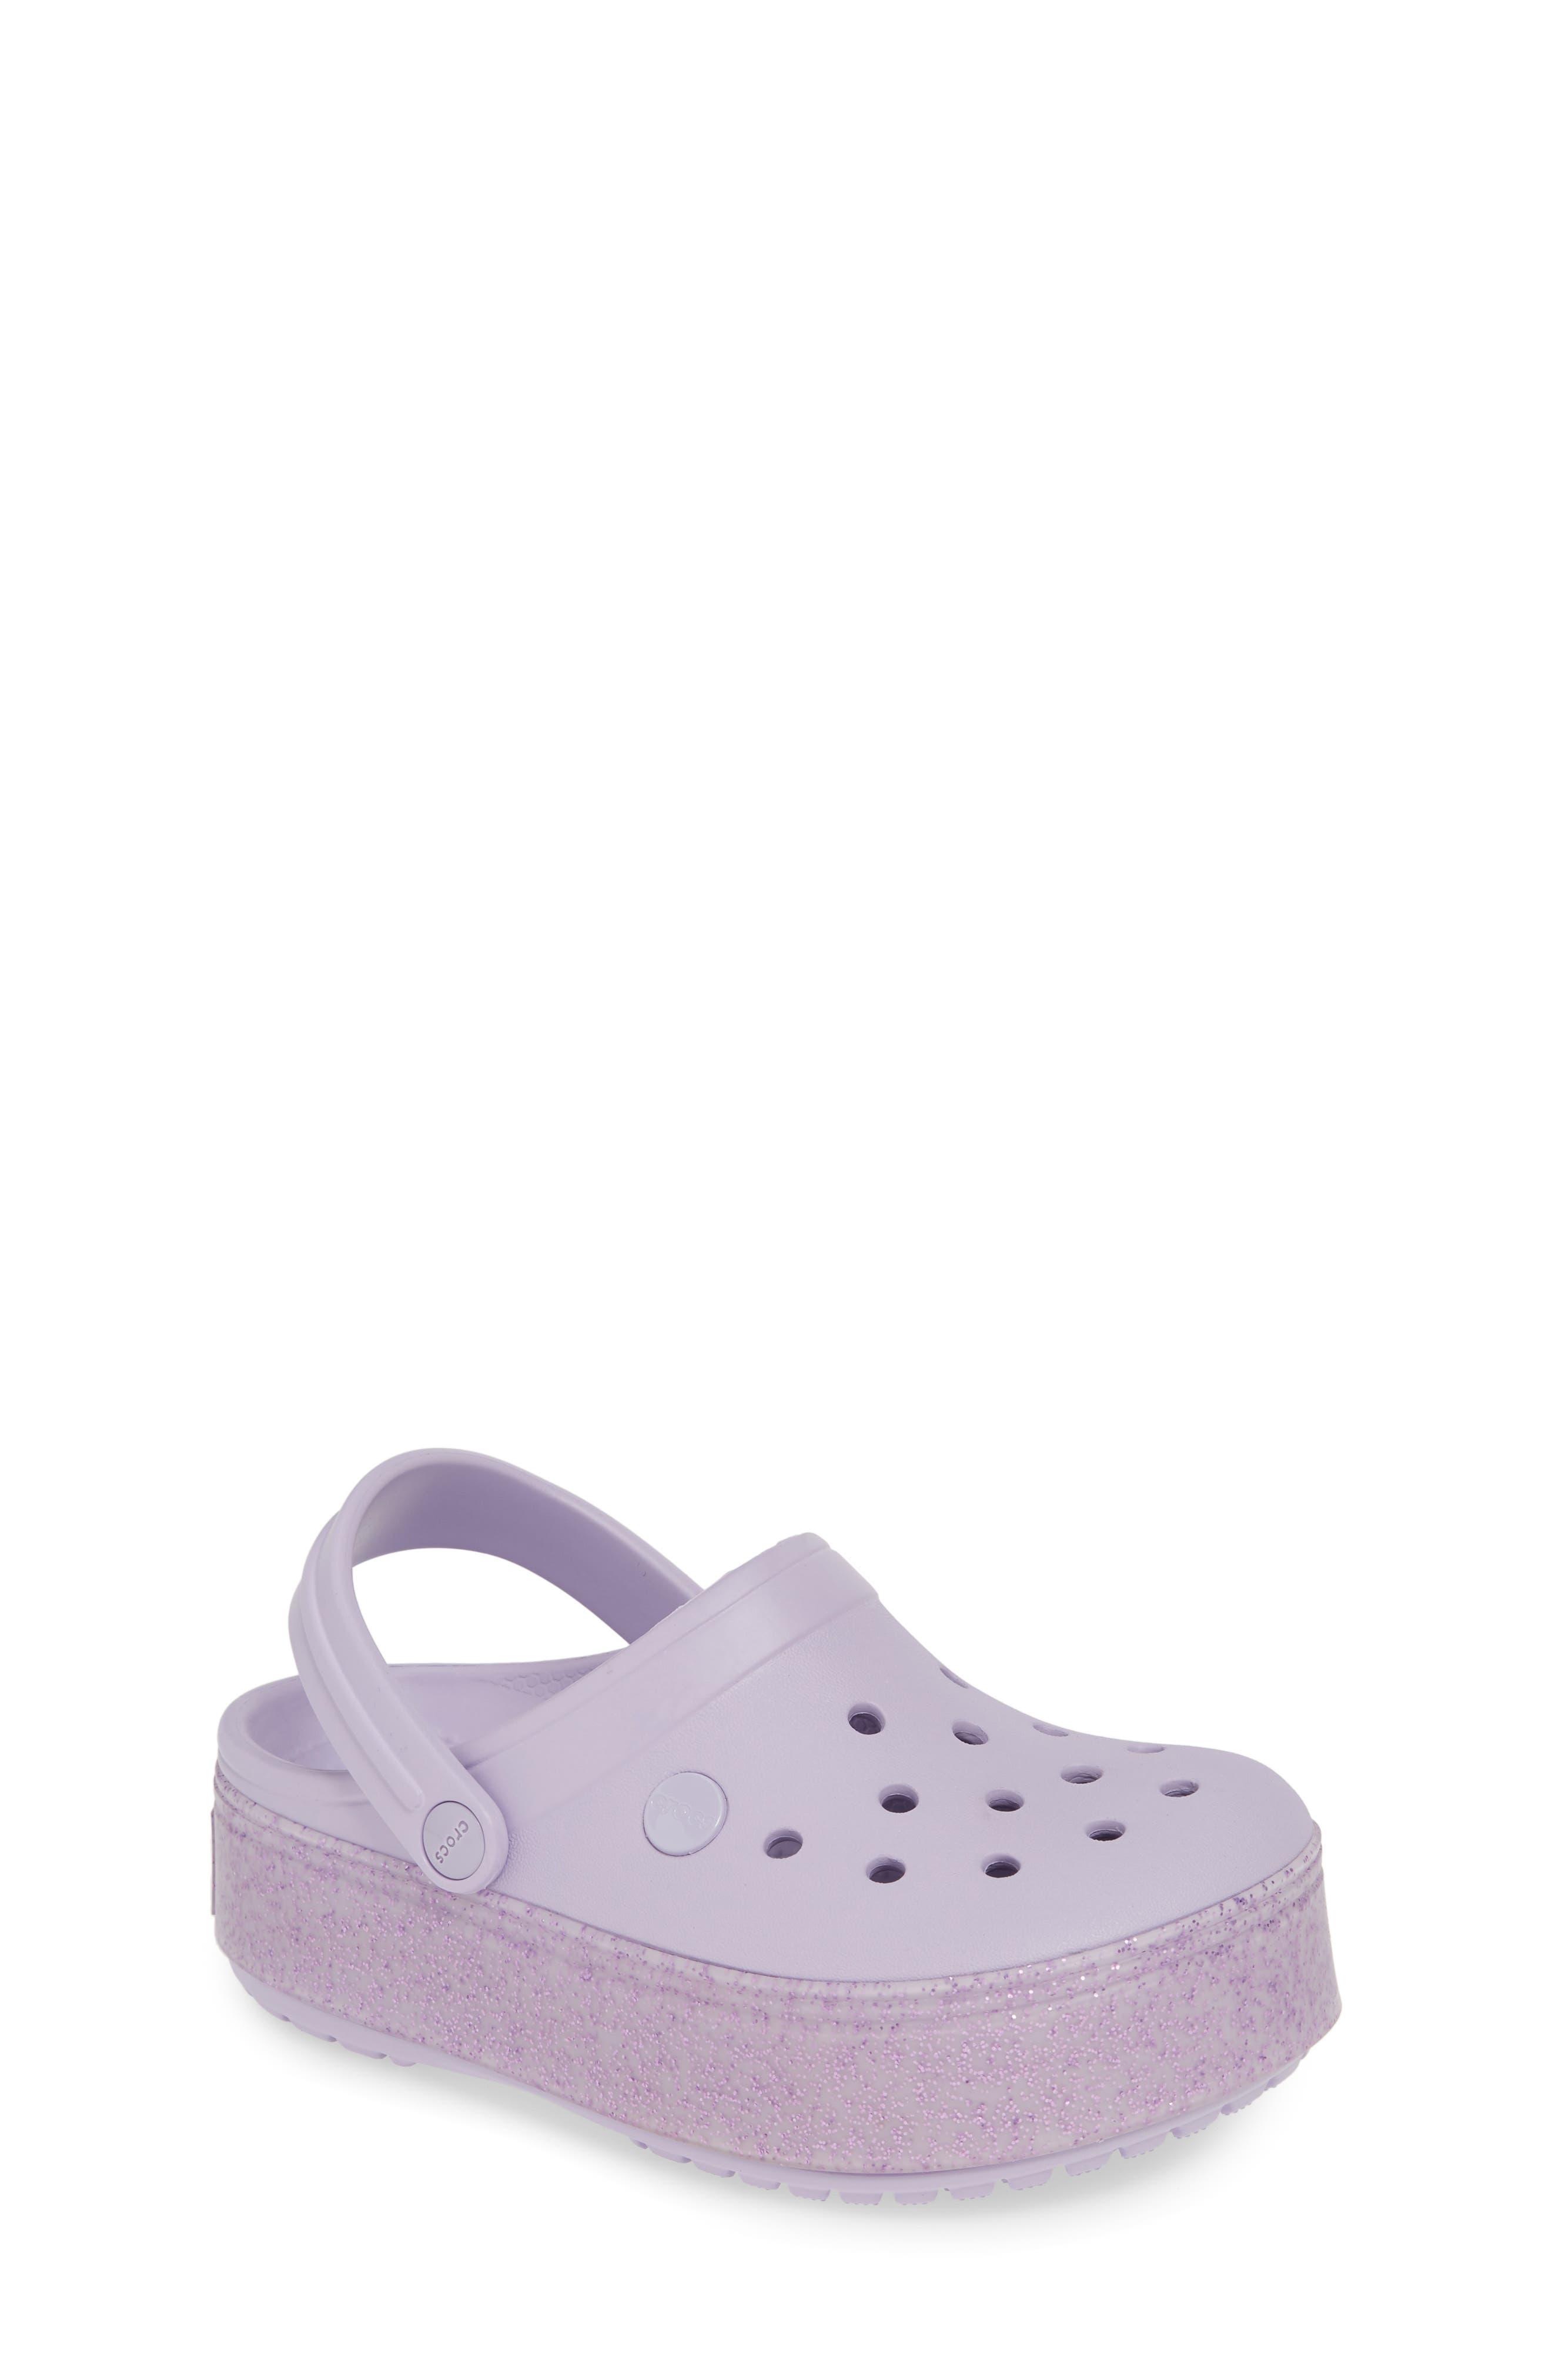 09936919a116 Girls  CROCS™ Shoes